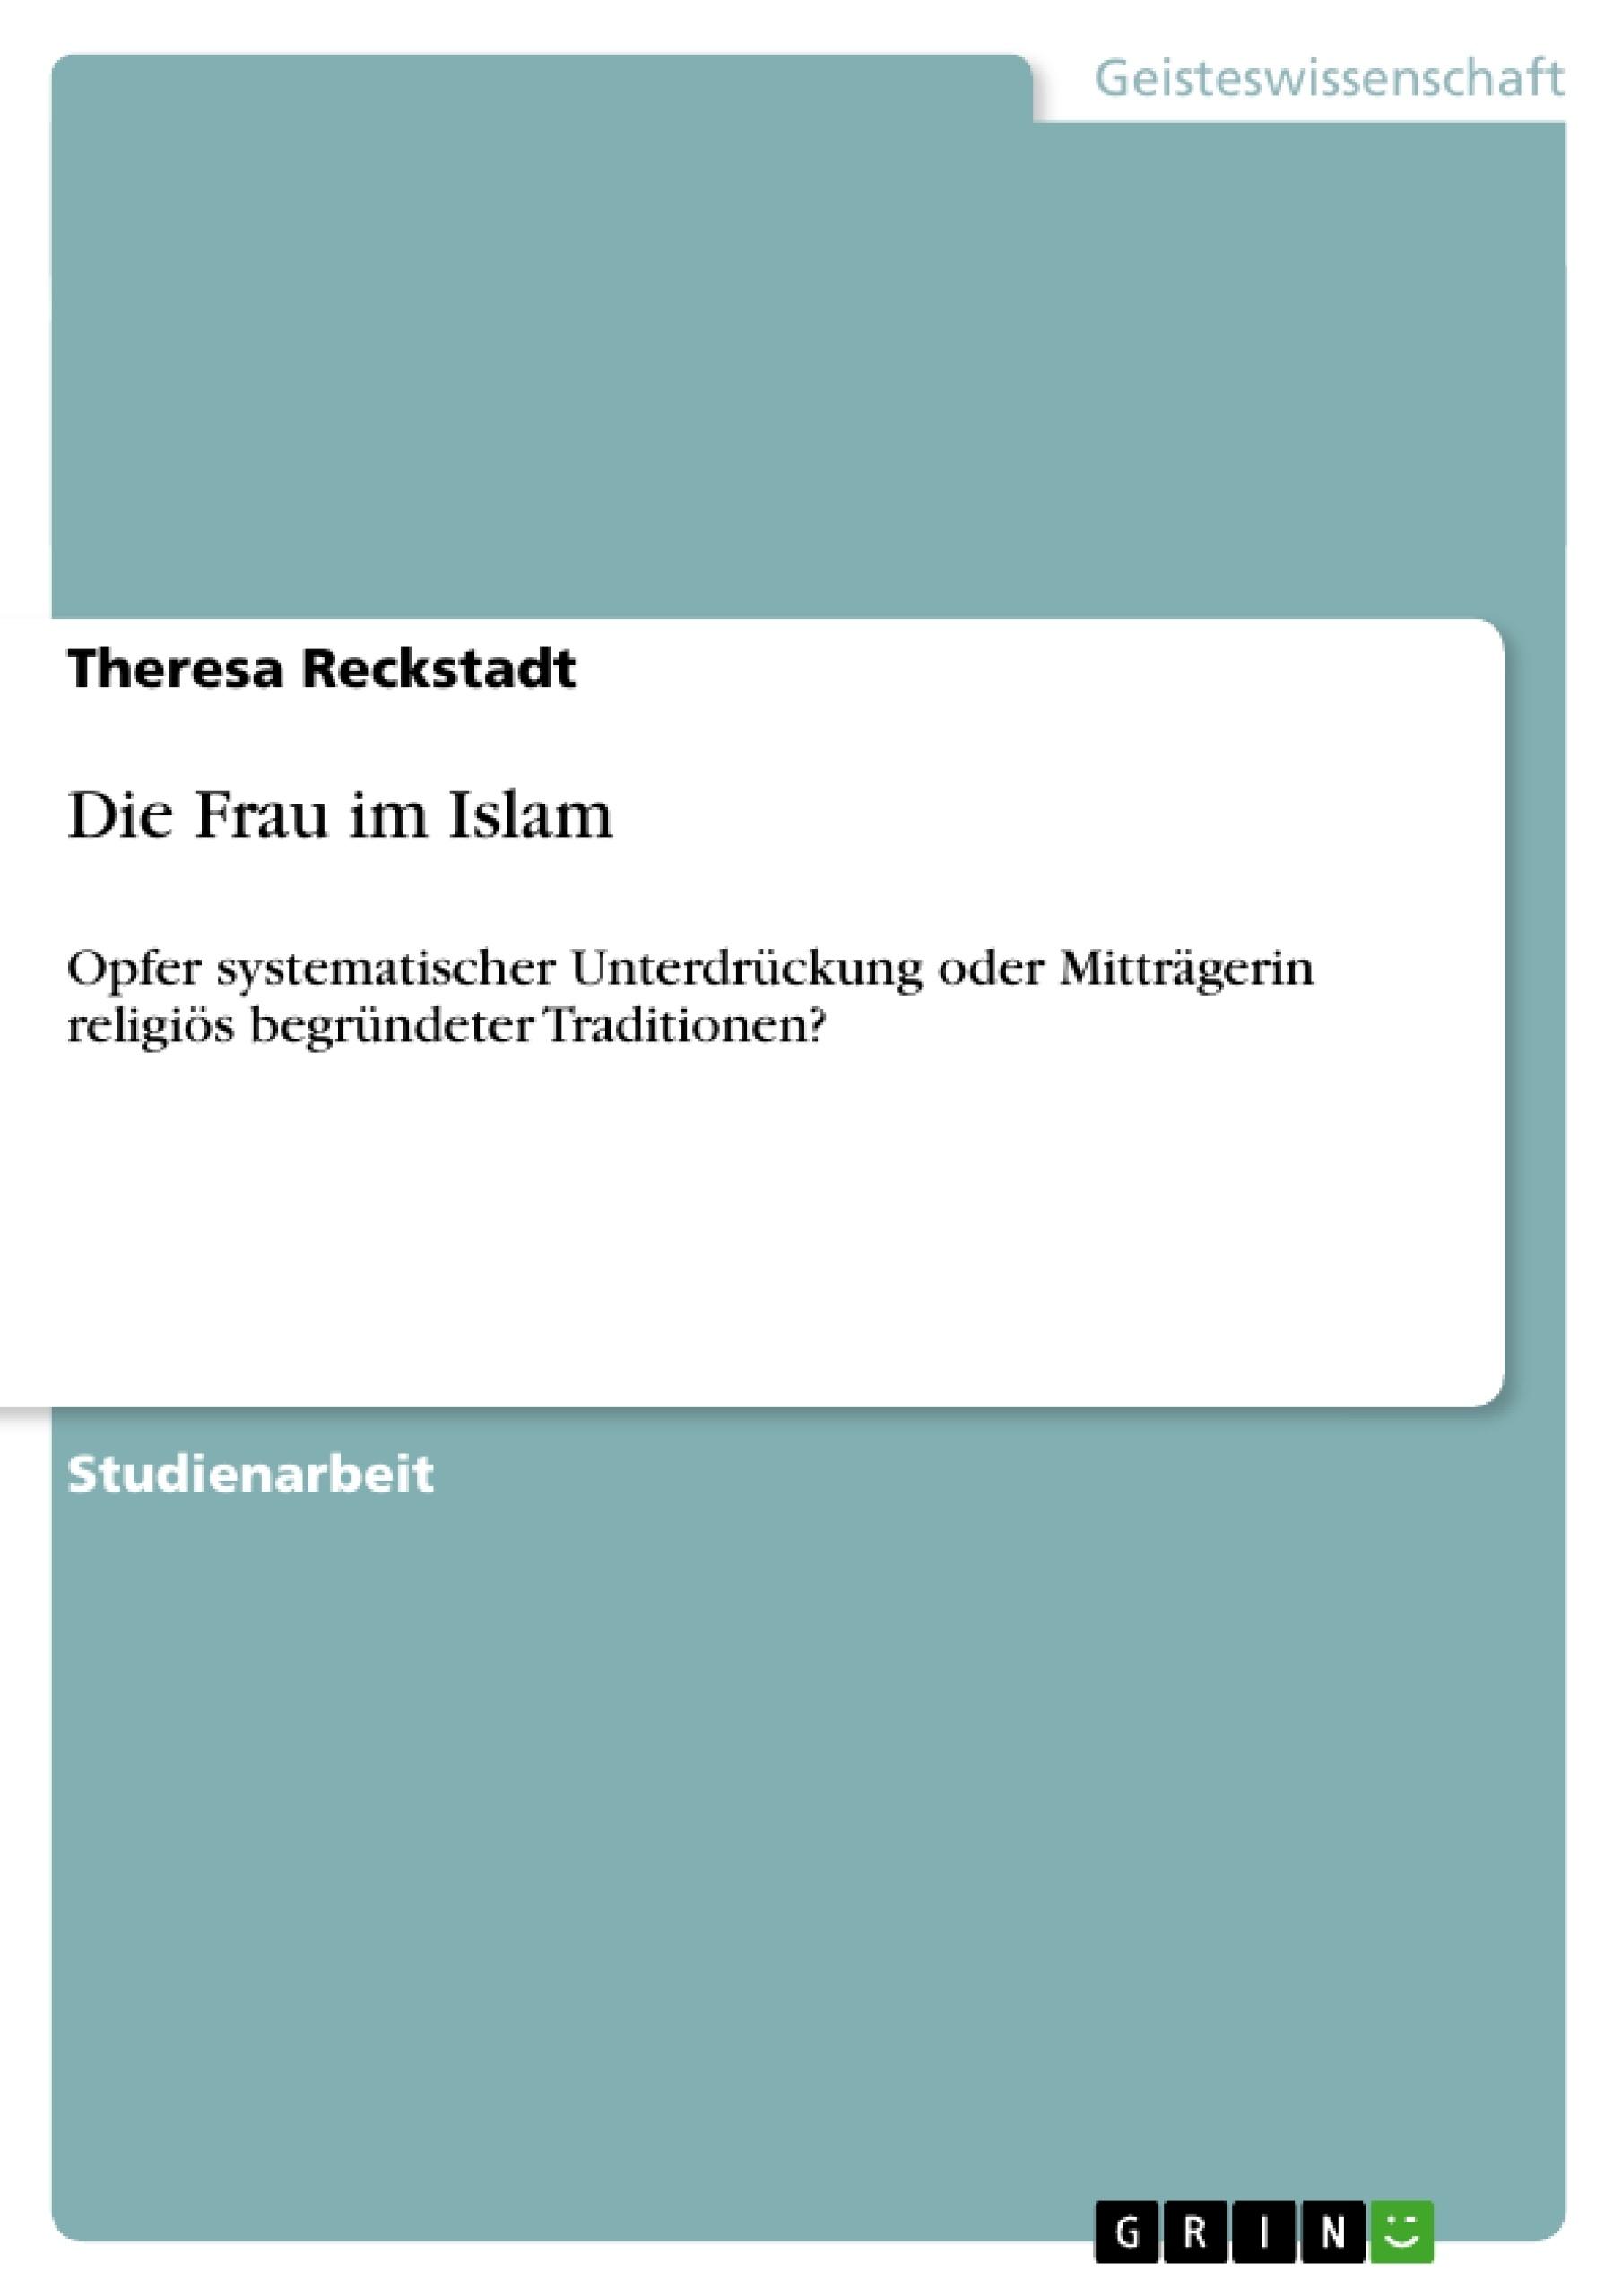 Titel: Die Frau im Islam